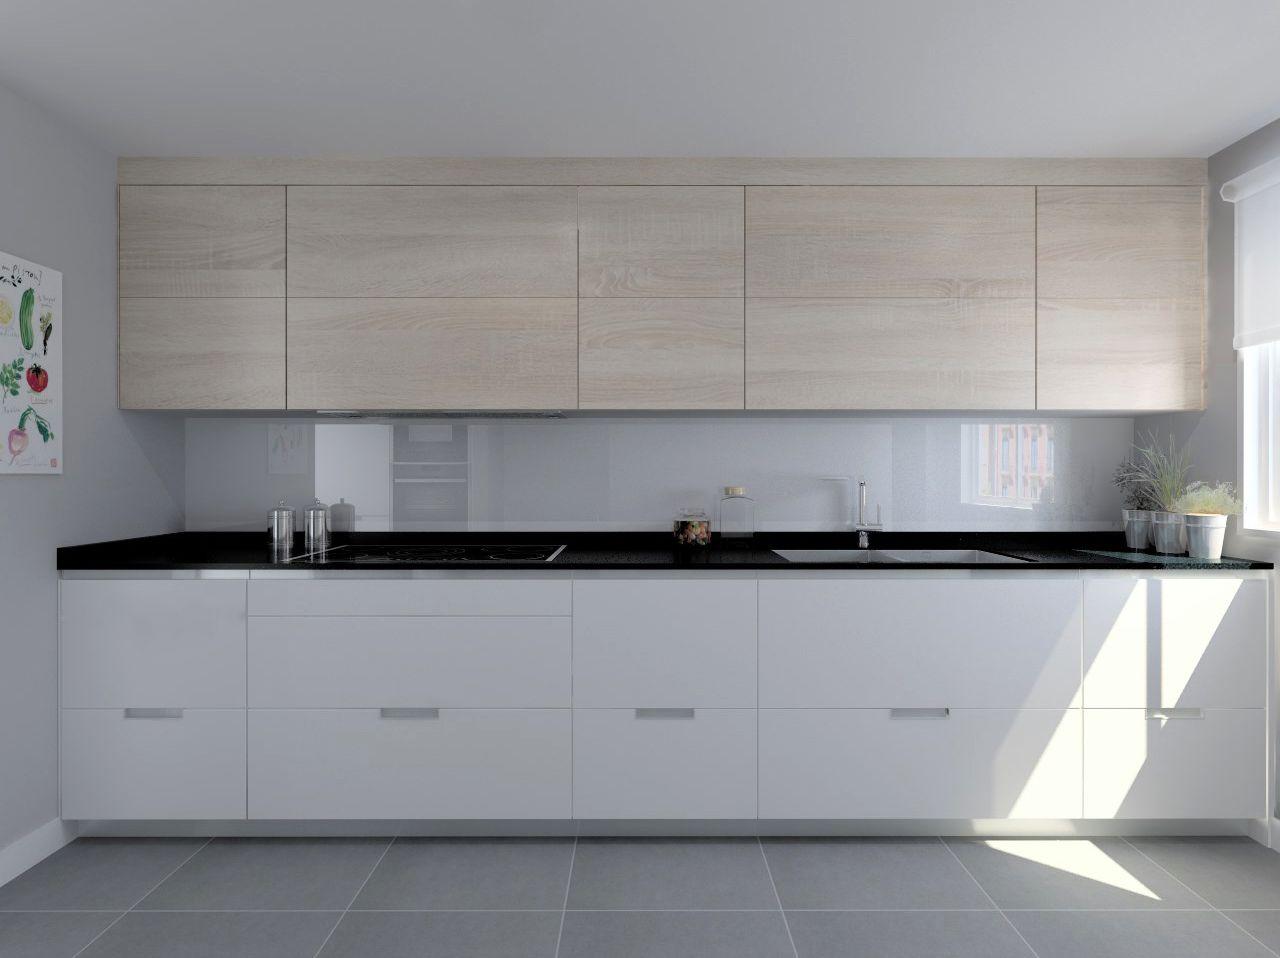 Cocina santos modelo minos laminado seda blanco y Cocina blanca encimera granito negra